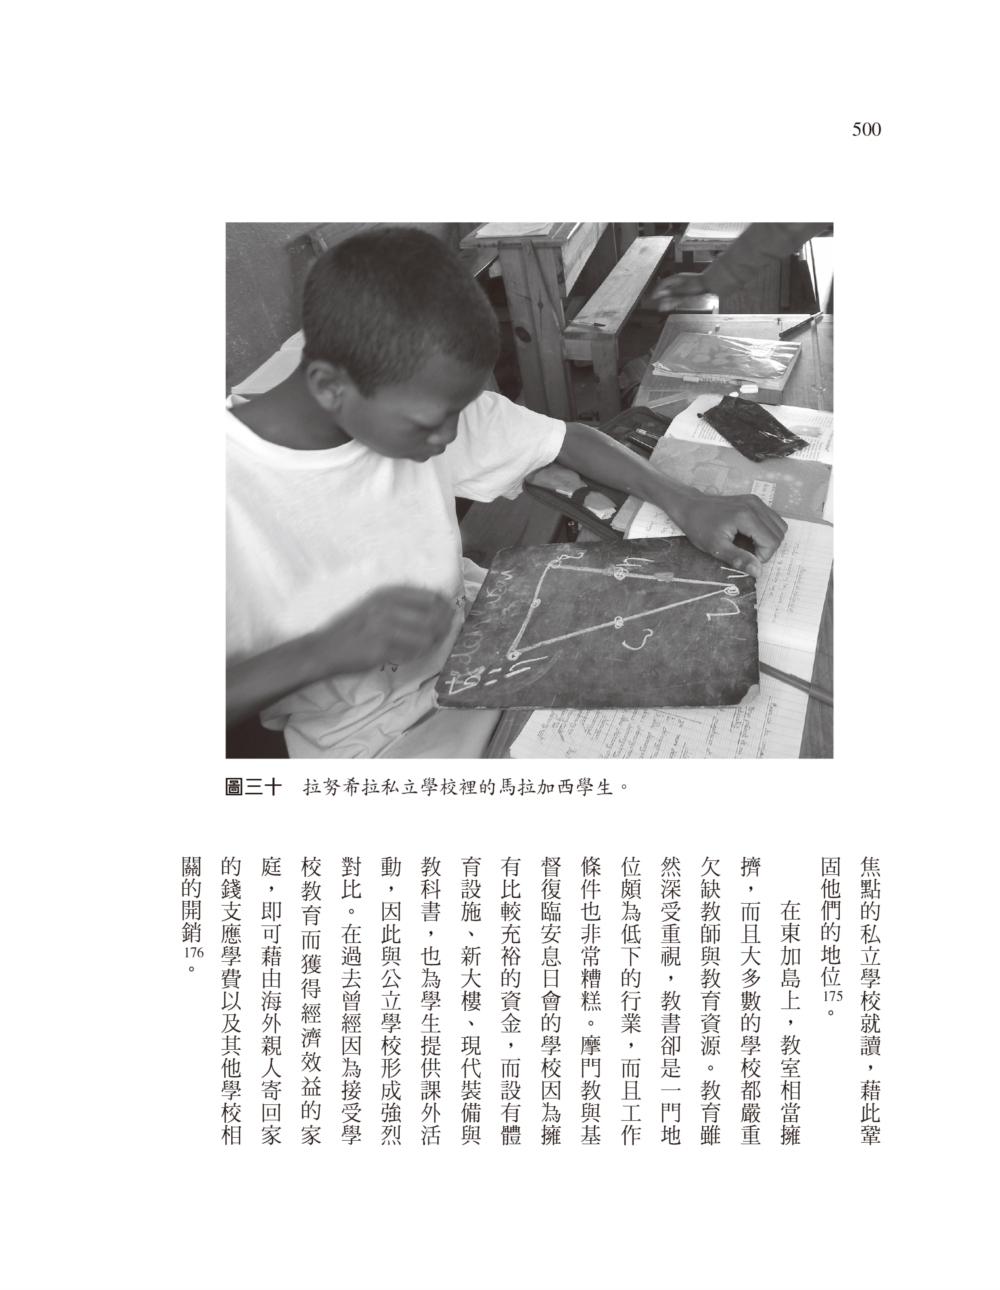 http://im1.book.com.tw/image/getImage?i=http://www.books.com.tw/img/001/076/59/0010765963_b_08.jpg&v=59f0107d&w=655&h=609